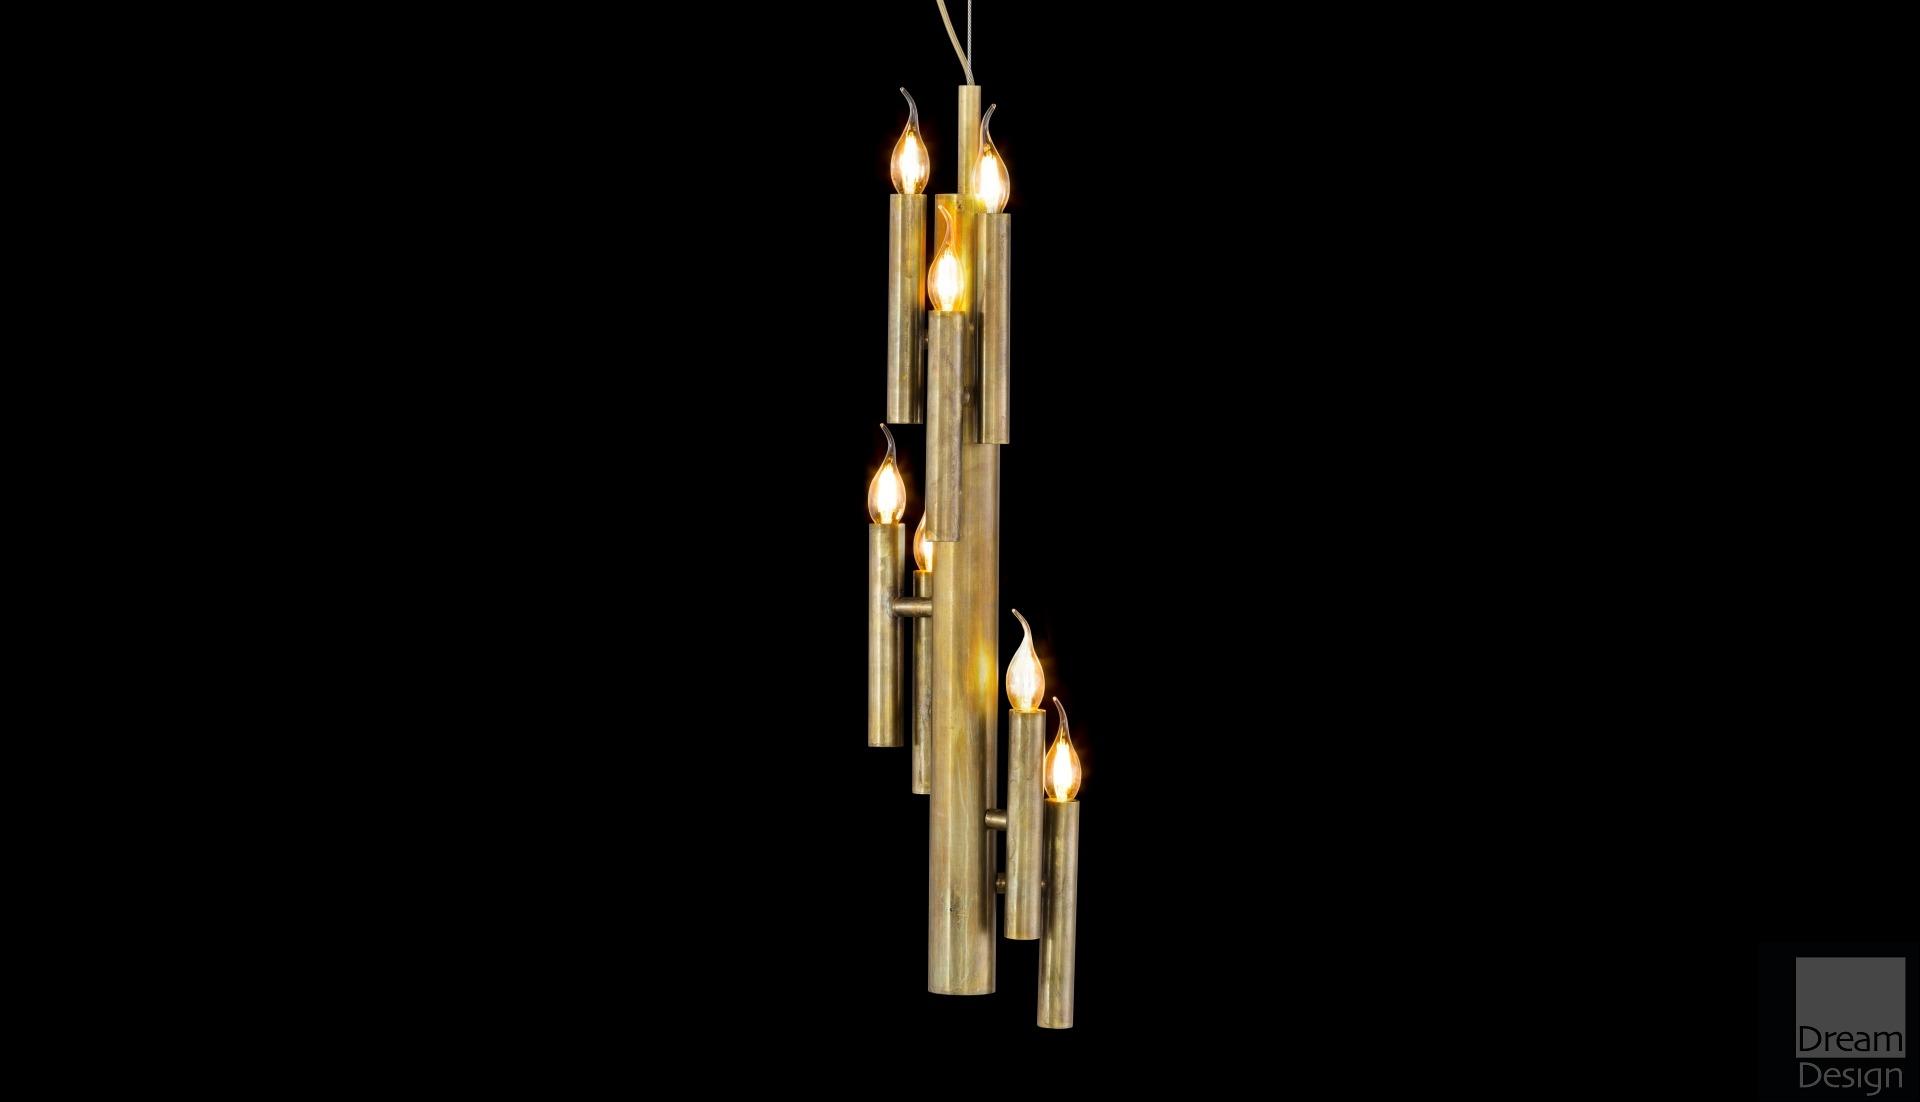 Shiro Ceiling Light Homebase : Brand van egmond shiro vertical light dream design